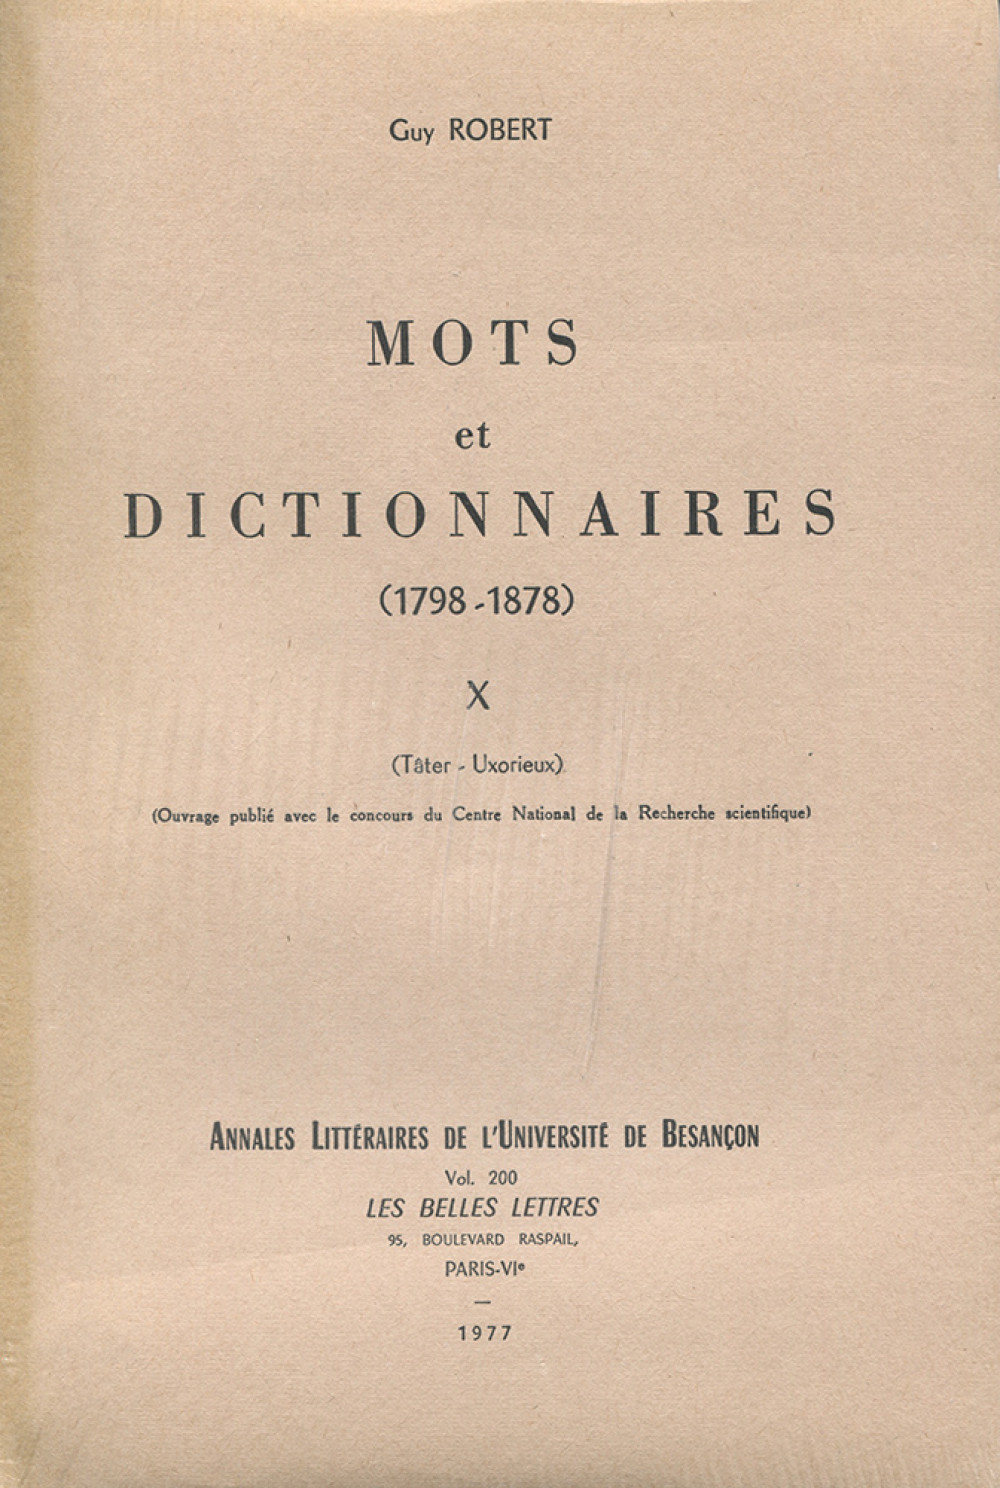 Mots et dictionnaires X (1798-1878)